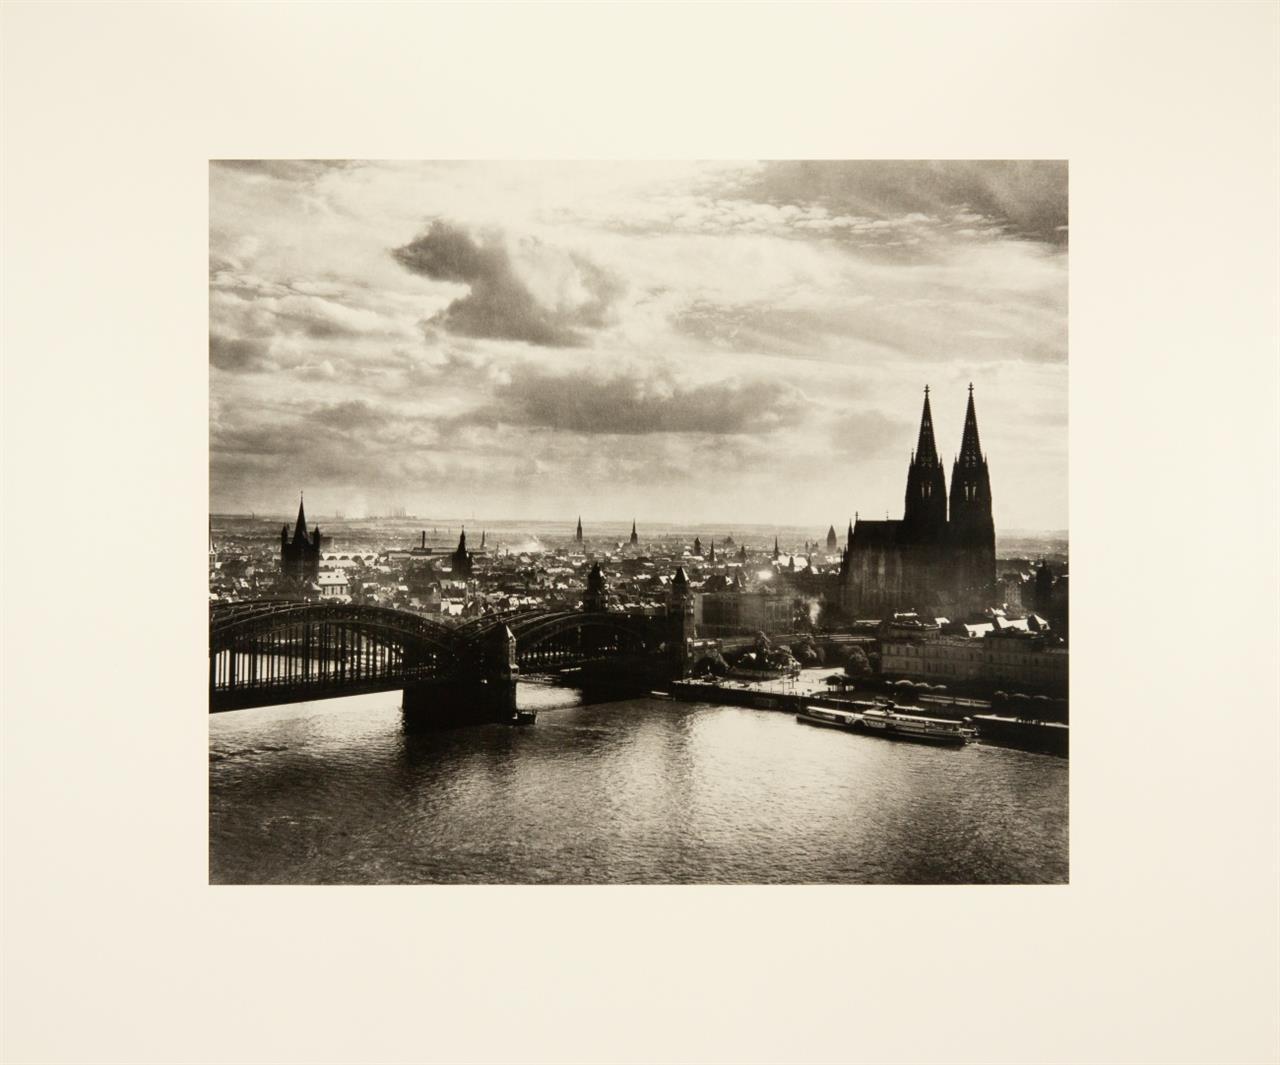 August Sander. Köln wie es war. 1995. 6 Blatt posthume Pigmentdrucke in OrLeinenmappe. Ex. 20/75.